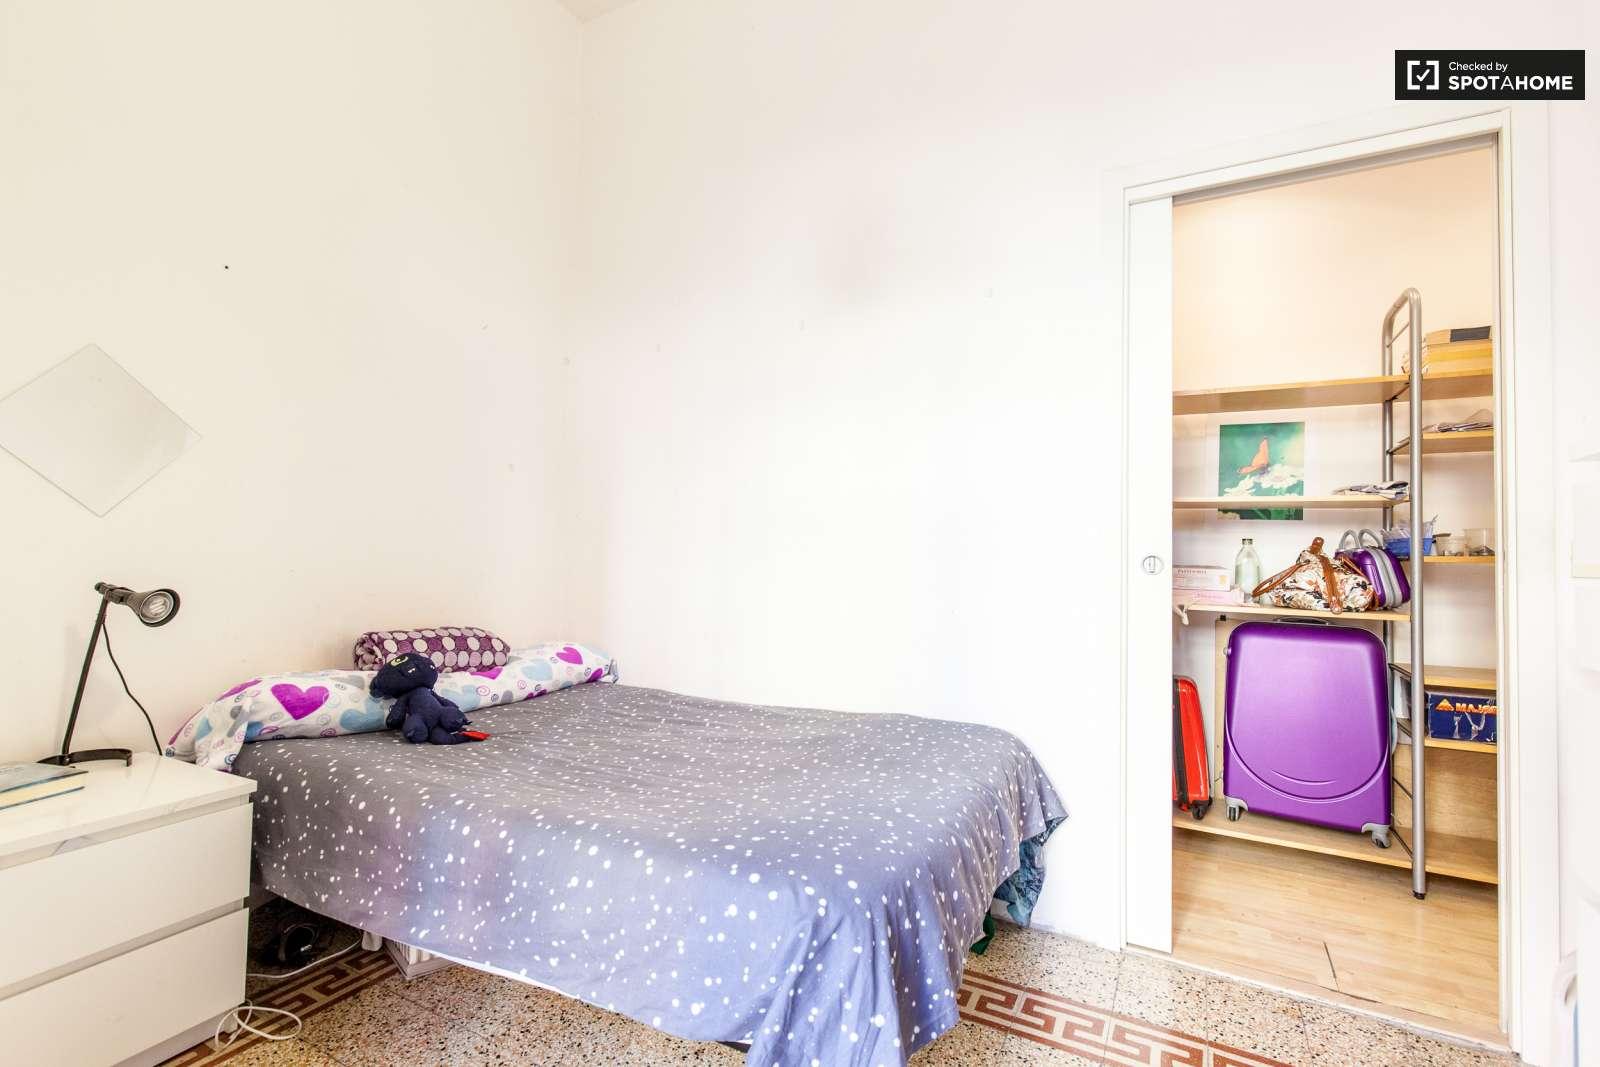 Stanze in affitto in un appartamento con 3 camere da letto for Appartamento con 3 camere da letto